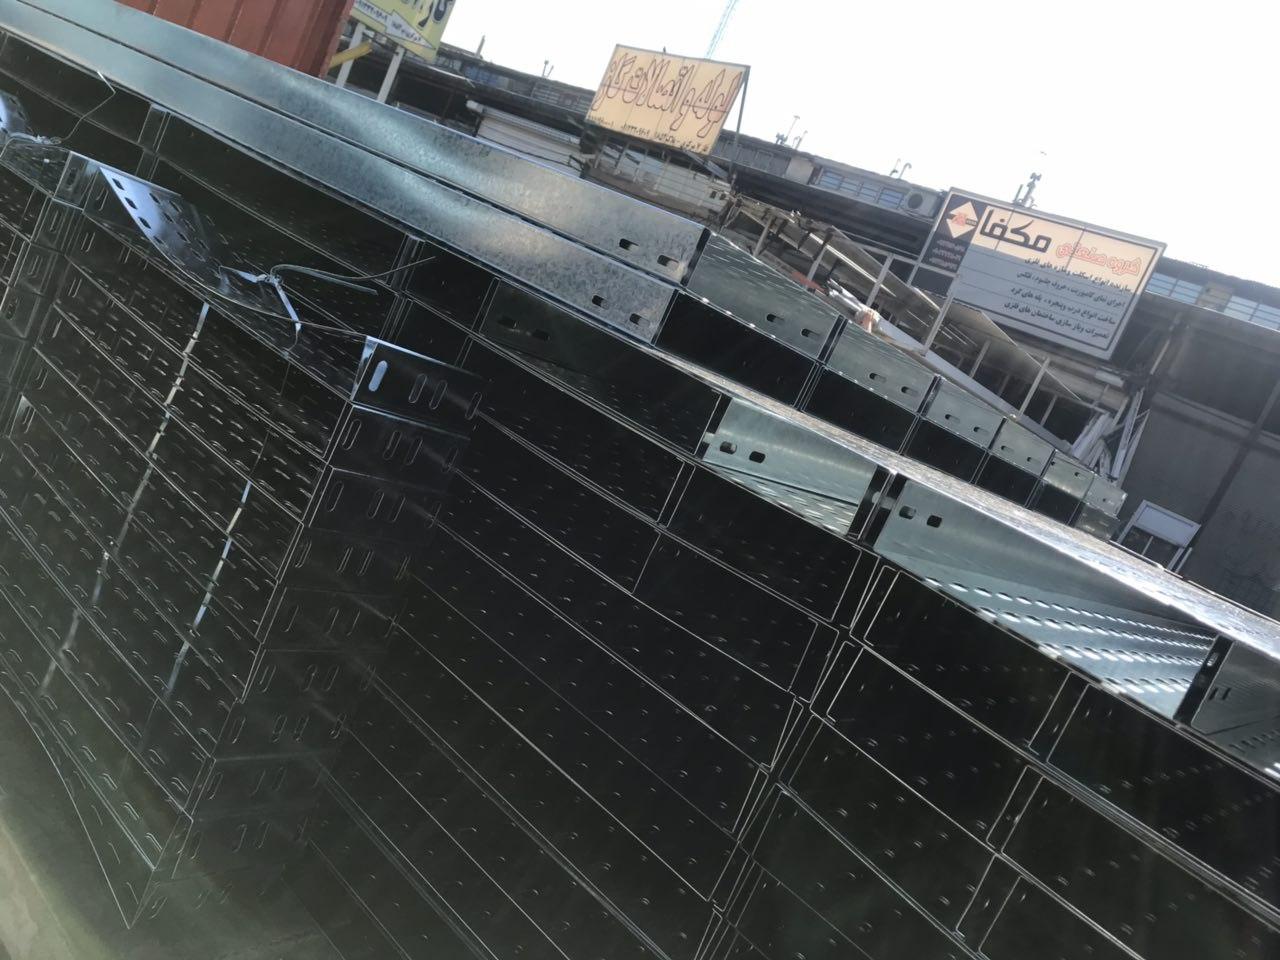 شيوه چيدمان و بسته بندي تولید کننده سینی کابل بعد از ساخت